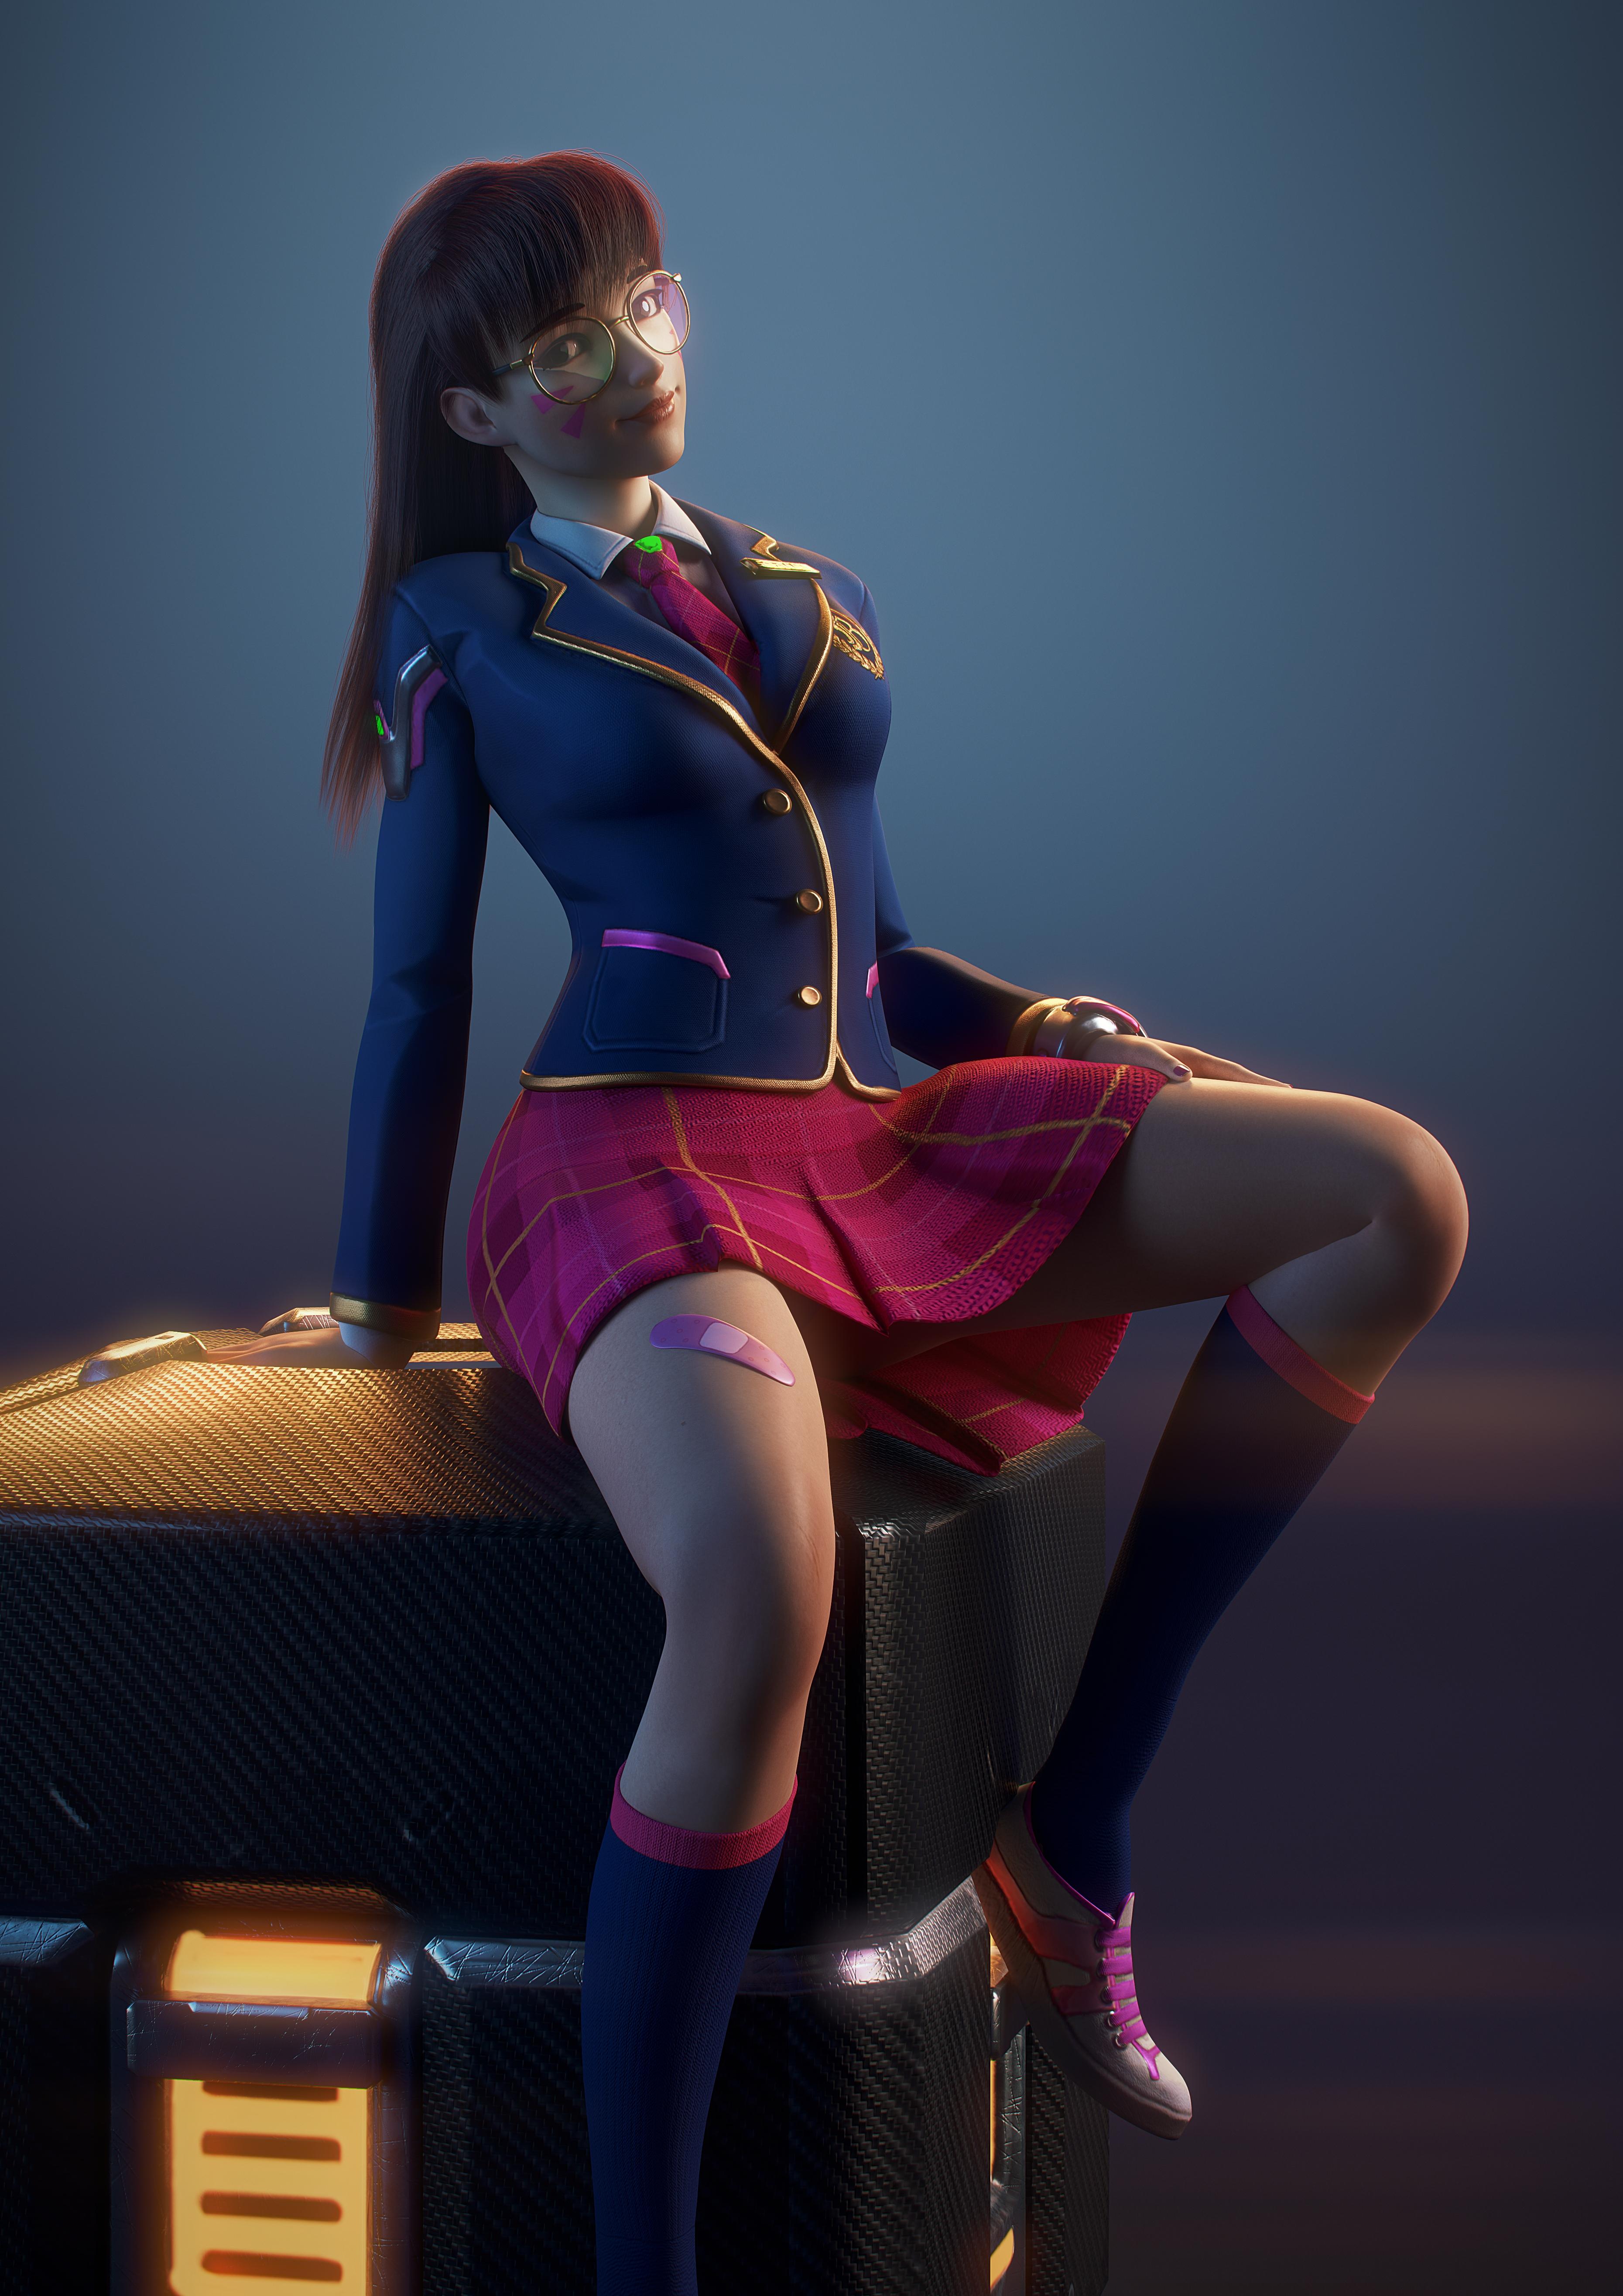 spread Anime girl legs